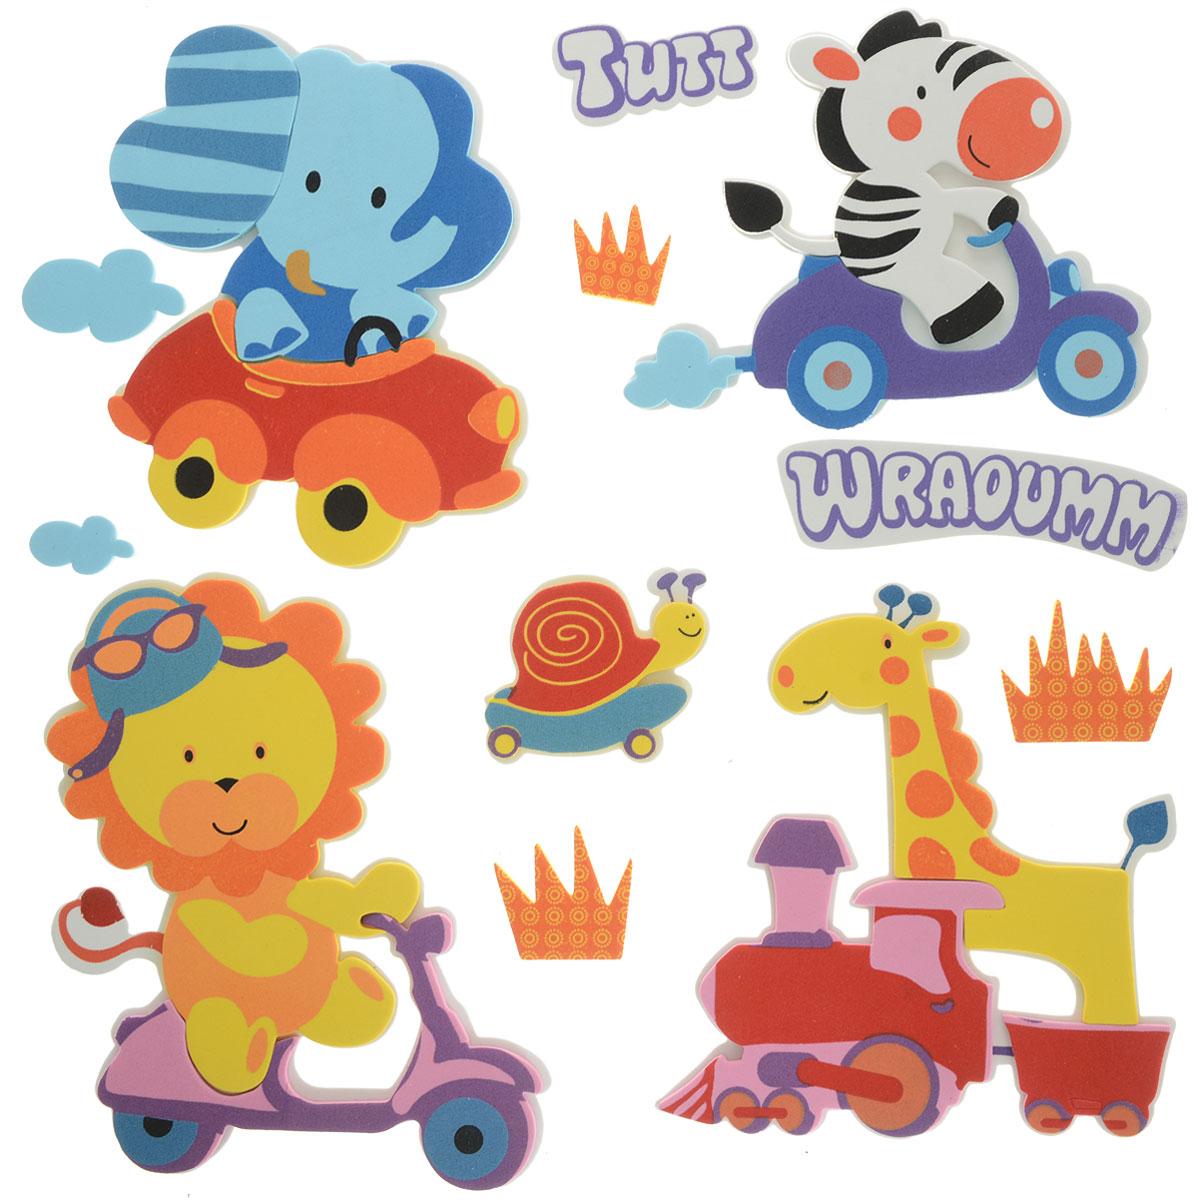 Room Decor Наклейка интерьерная Детские картинки Слон на машине 12 шт1123361_слон на машинеRoom Decor Детские картинки - это набор объемных интерьерных наклеек на все случаи жизни!Украшение мебели, сокрытие царапины на стене или даже декор для скрапбукинга - наклейка станет идеальным вариантом. Не стоит искать дорогостоящие наборы для творчества, инструменты, чтобы убрать скол или шероховатость с поверхности любимого шкафа или стола, когда под рукой имеется подобное изделие. Ведь всего пара движений, и ваша задумка уже перед вами!Не ограничивайте свою фантазию!Применение подобных наклеек не вызовет сложностей: быстро крепятся и убираются, при этом не оставляют следов. Привнесите оригинальные нотки в ваш интерьер, придайте яркую индивидуальность каждой частичке вашего окружения!